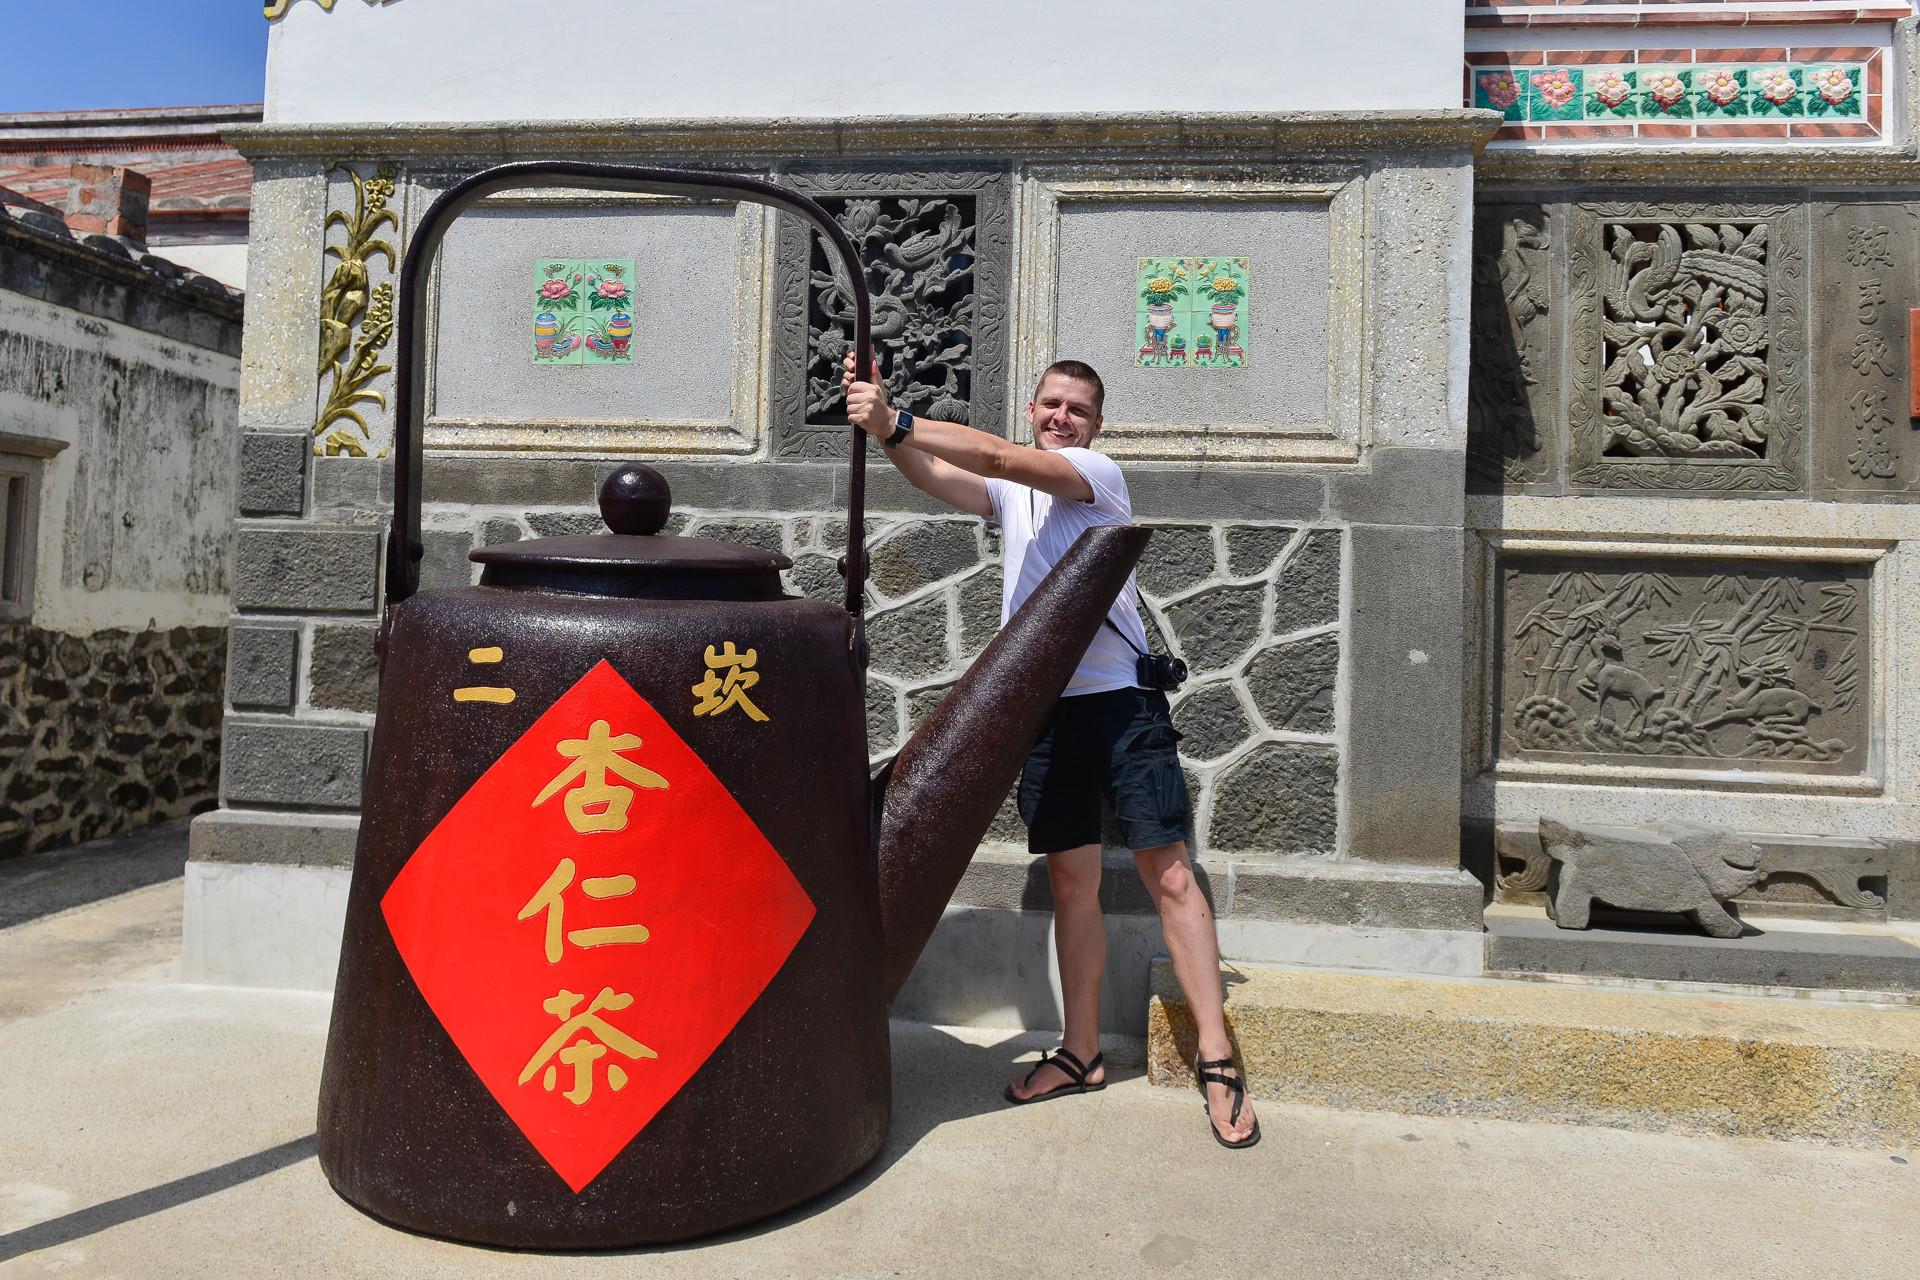 Viên ngọc của Thượng Đế trên eo biển Đài Loan Ảnh 12